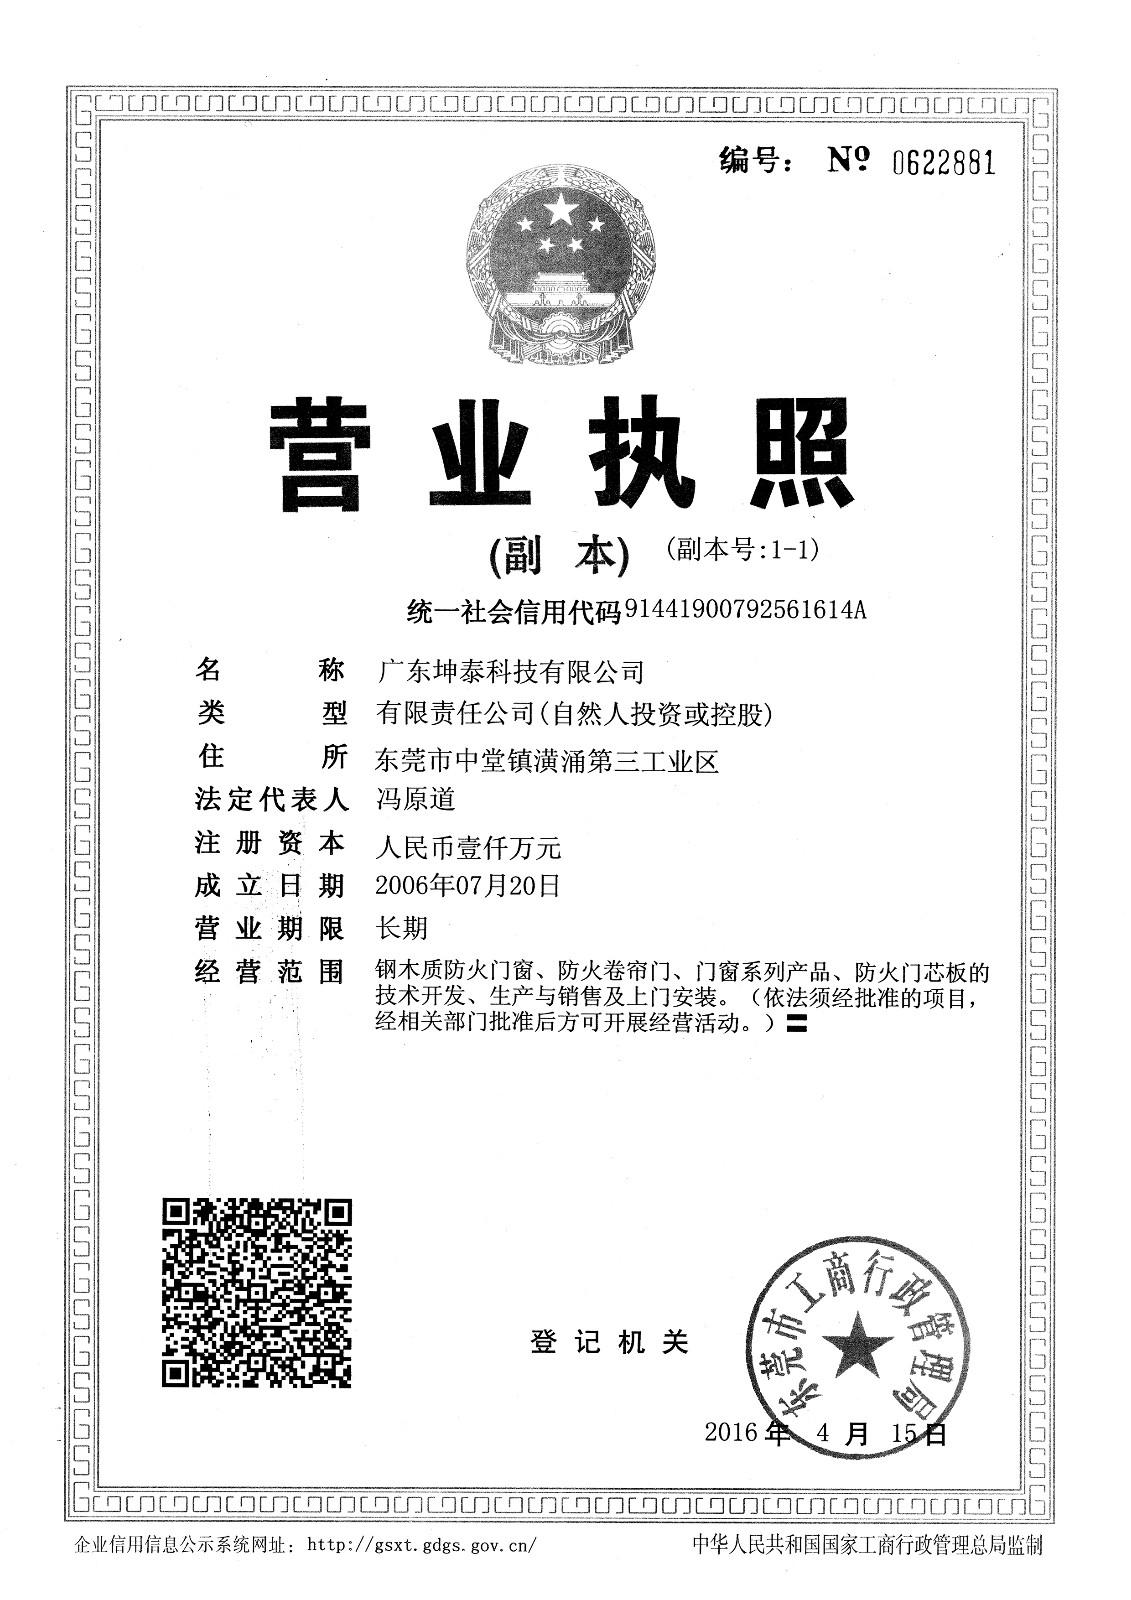 广东坤泰科技有限公司营业执照副本(黑白)